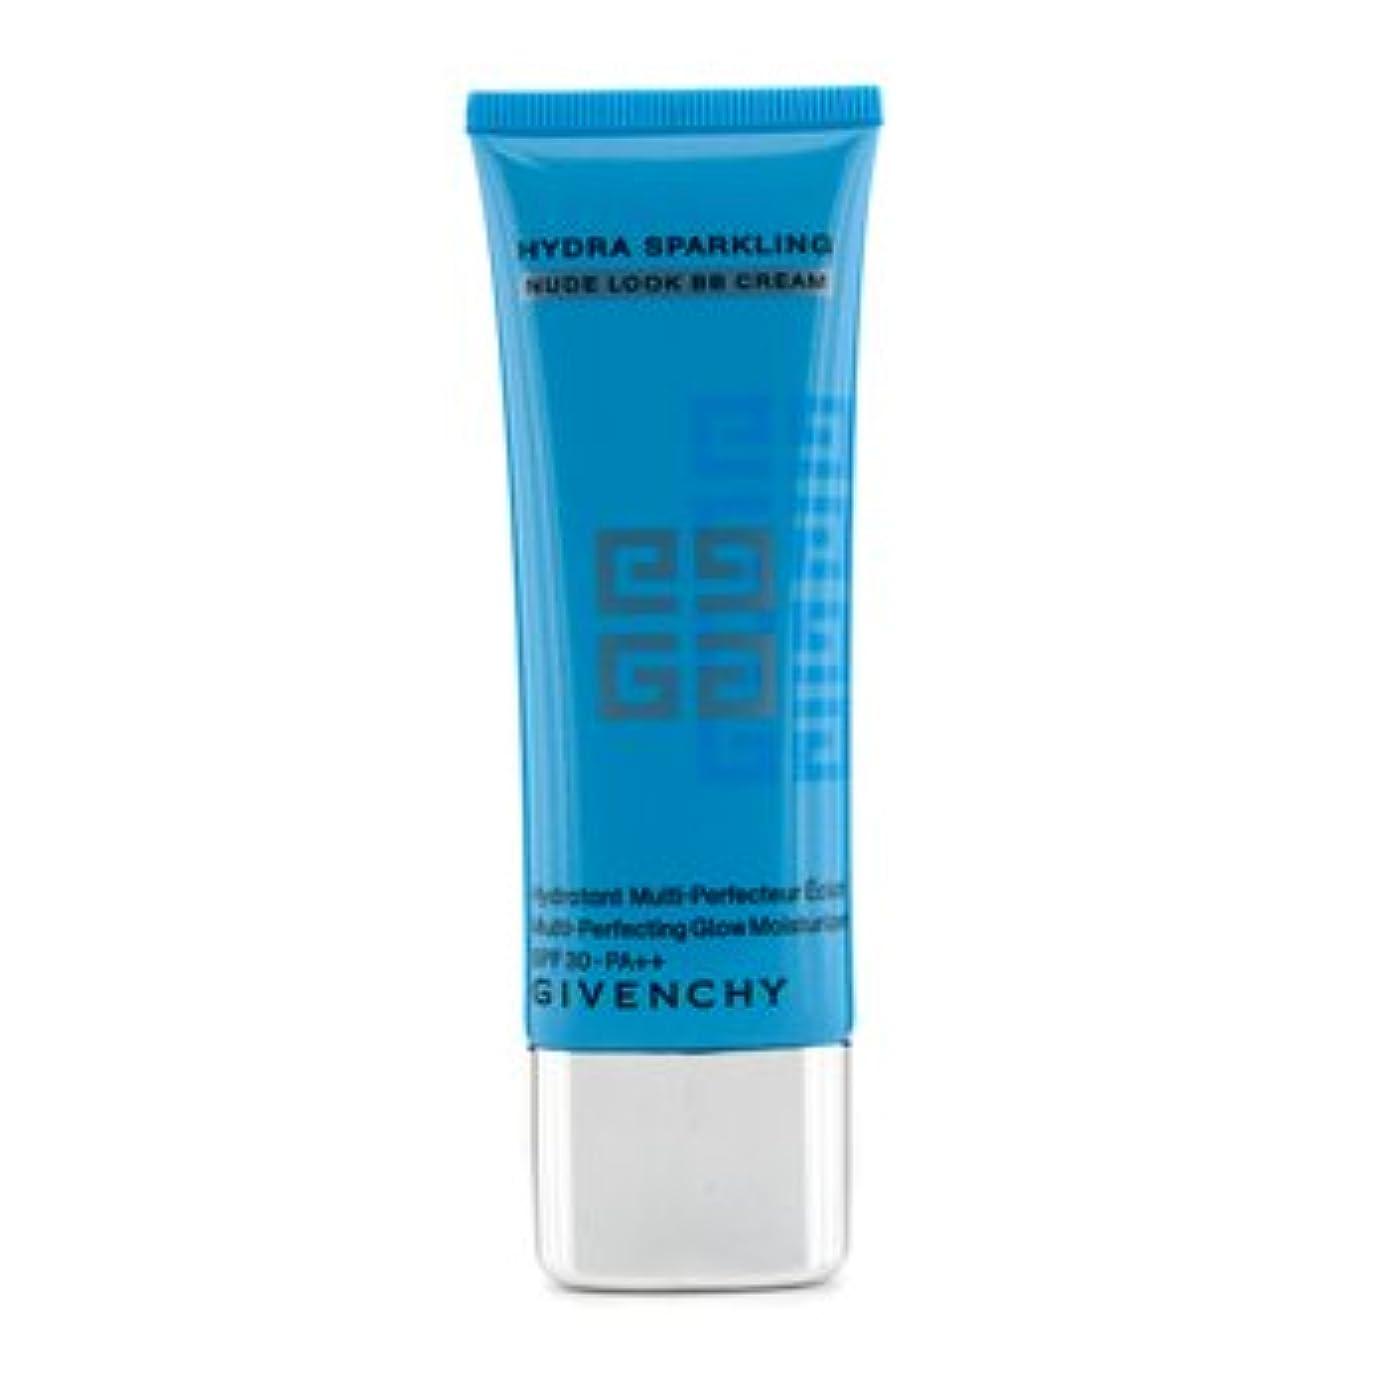 にはまってタバコ玉[Givenchy] Nude Look BB Cream Multi-Perfecting Glow Moisturizer SPF 30 PA++ 40ml/1.35oz